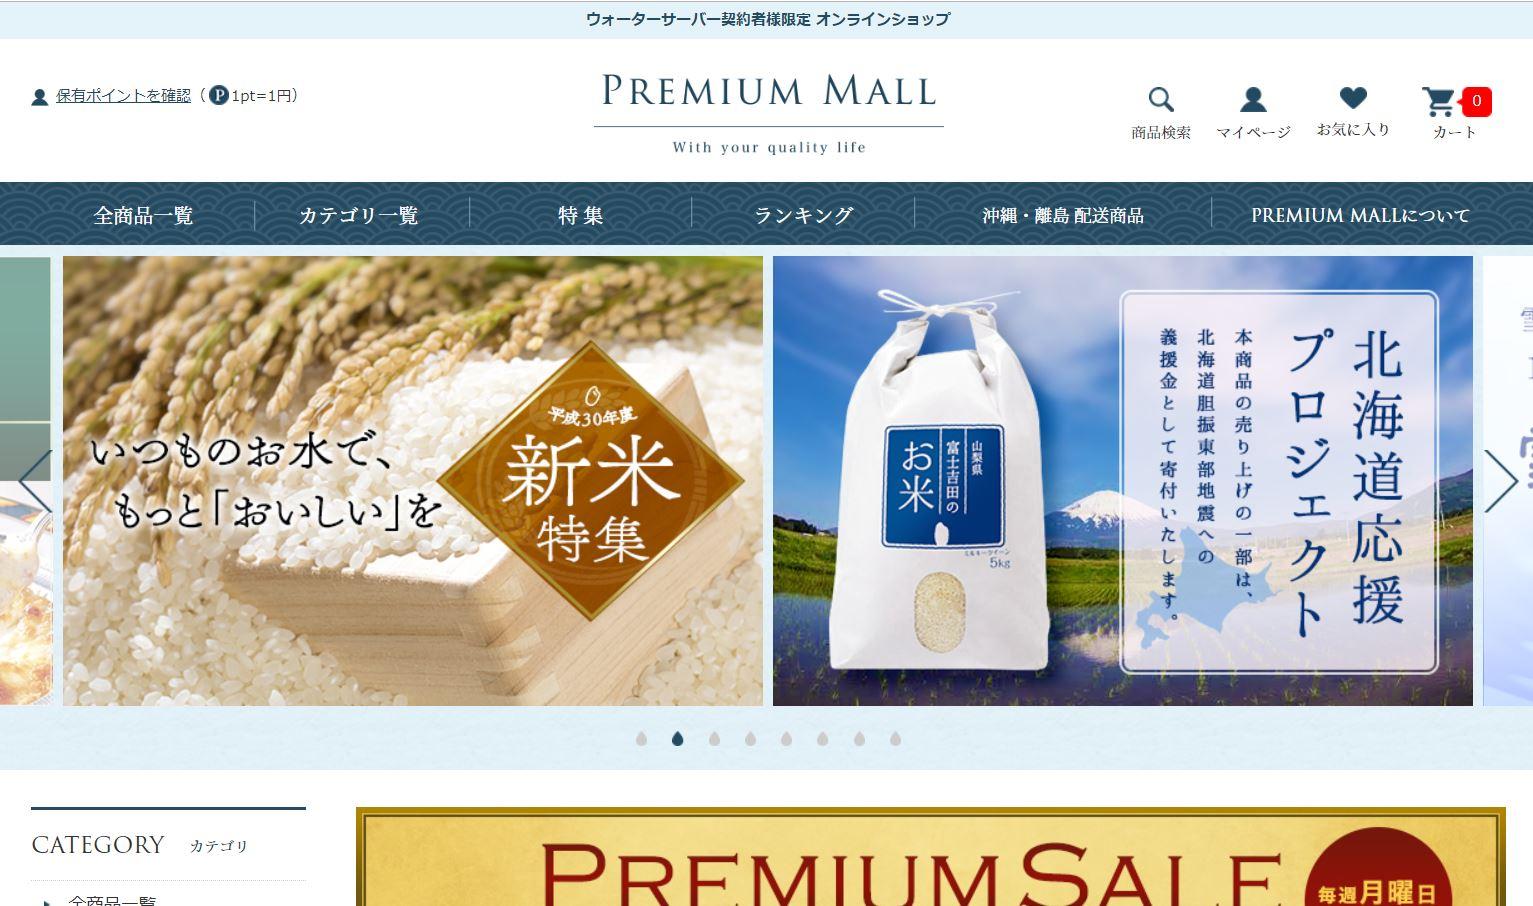 PREMIUM MALL 北海道応援プロジェクト